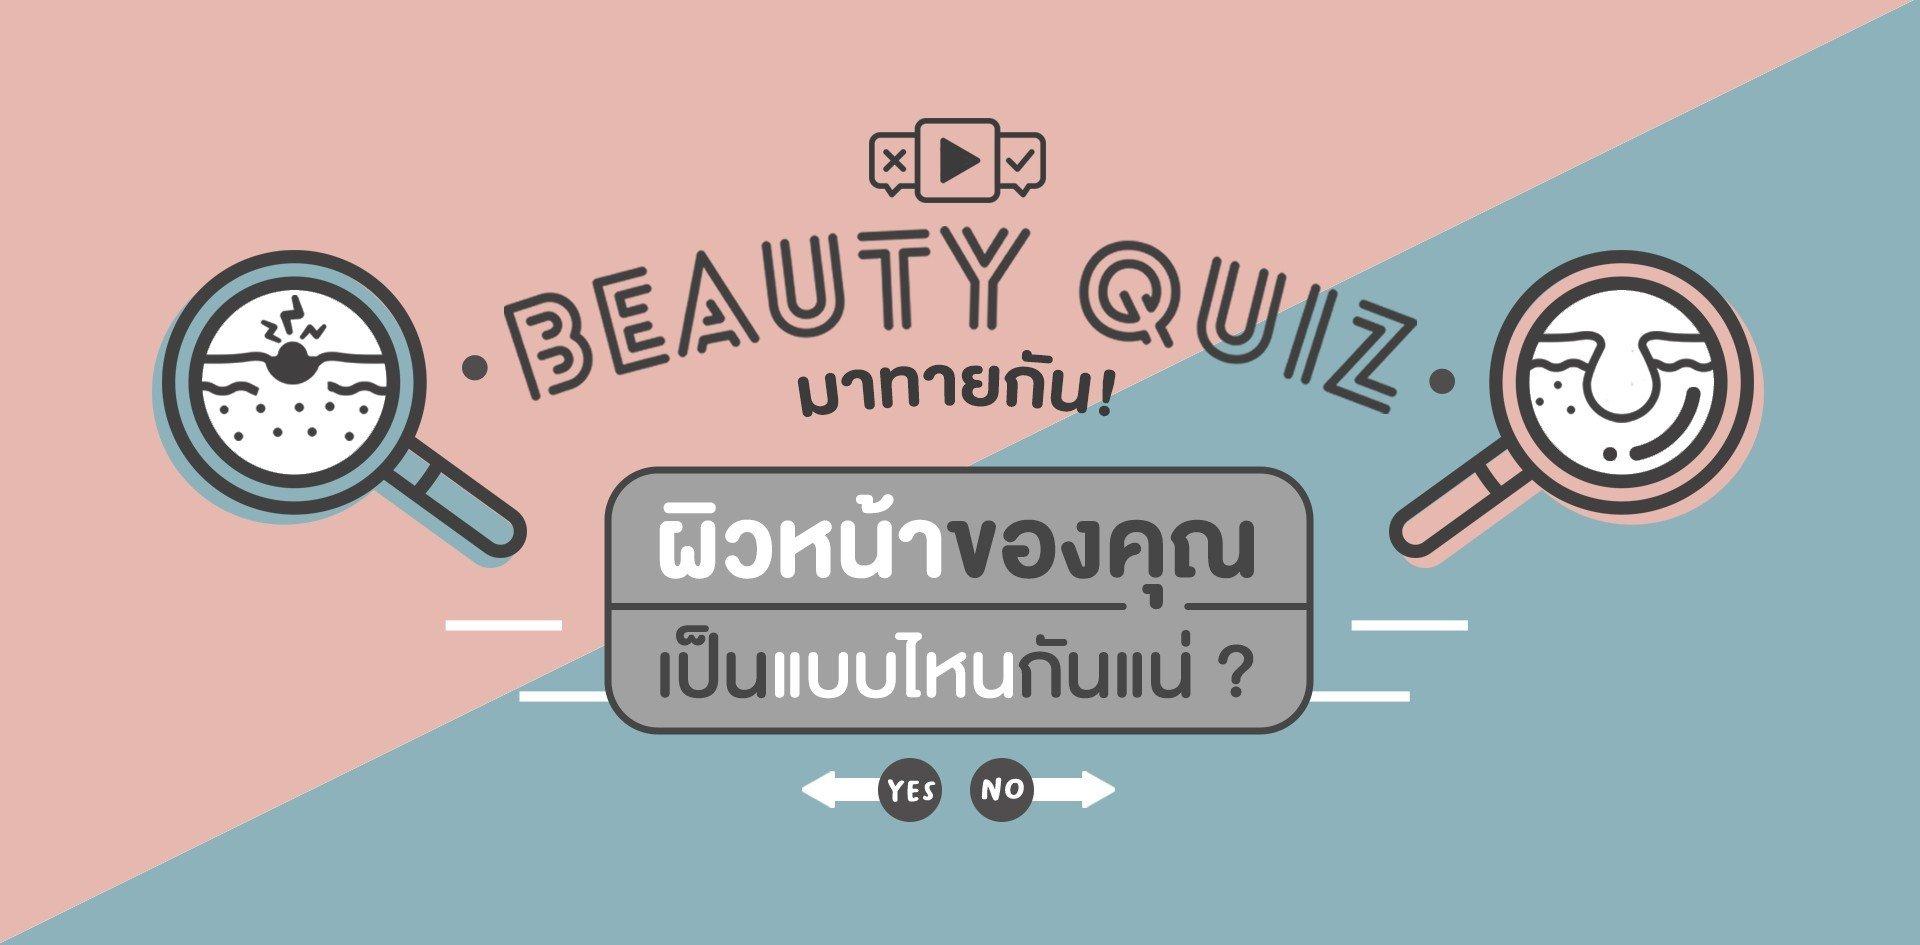 [Beauty Quiz] ผิวหน้าเราเป็นแบบไหน ต้องใช้สกินแคร์อะไร